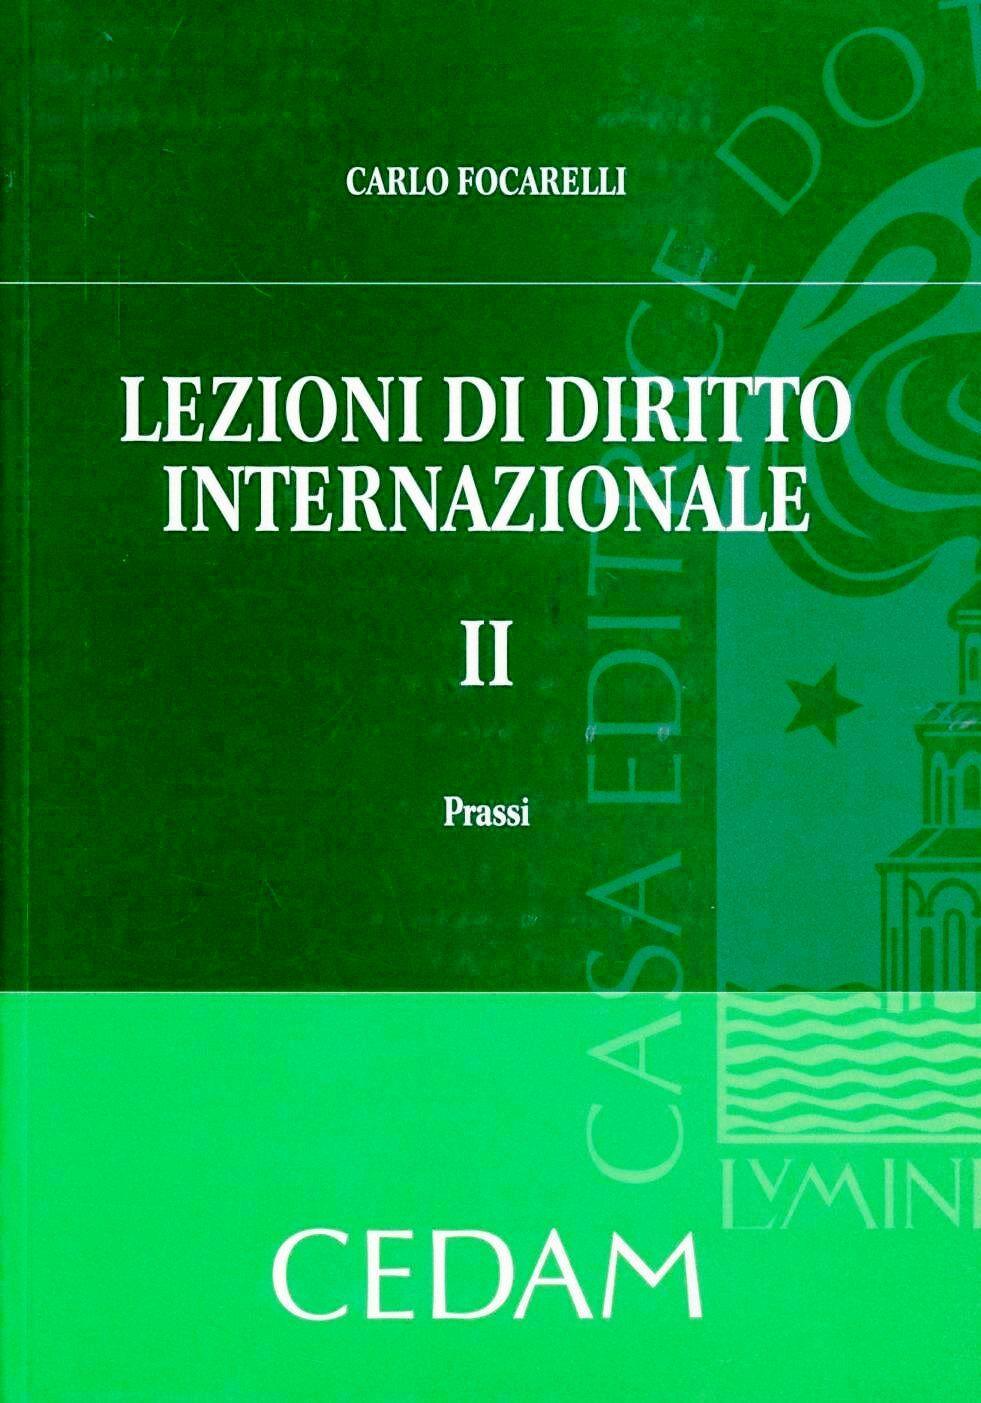 Lezioni di diritto internazionale. Vol. 2: Prassi.